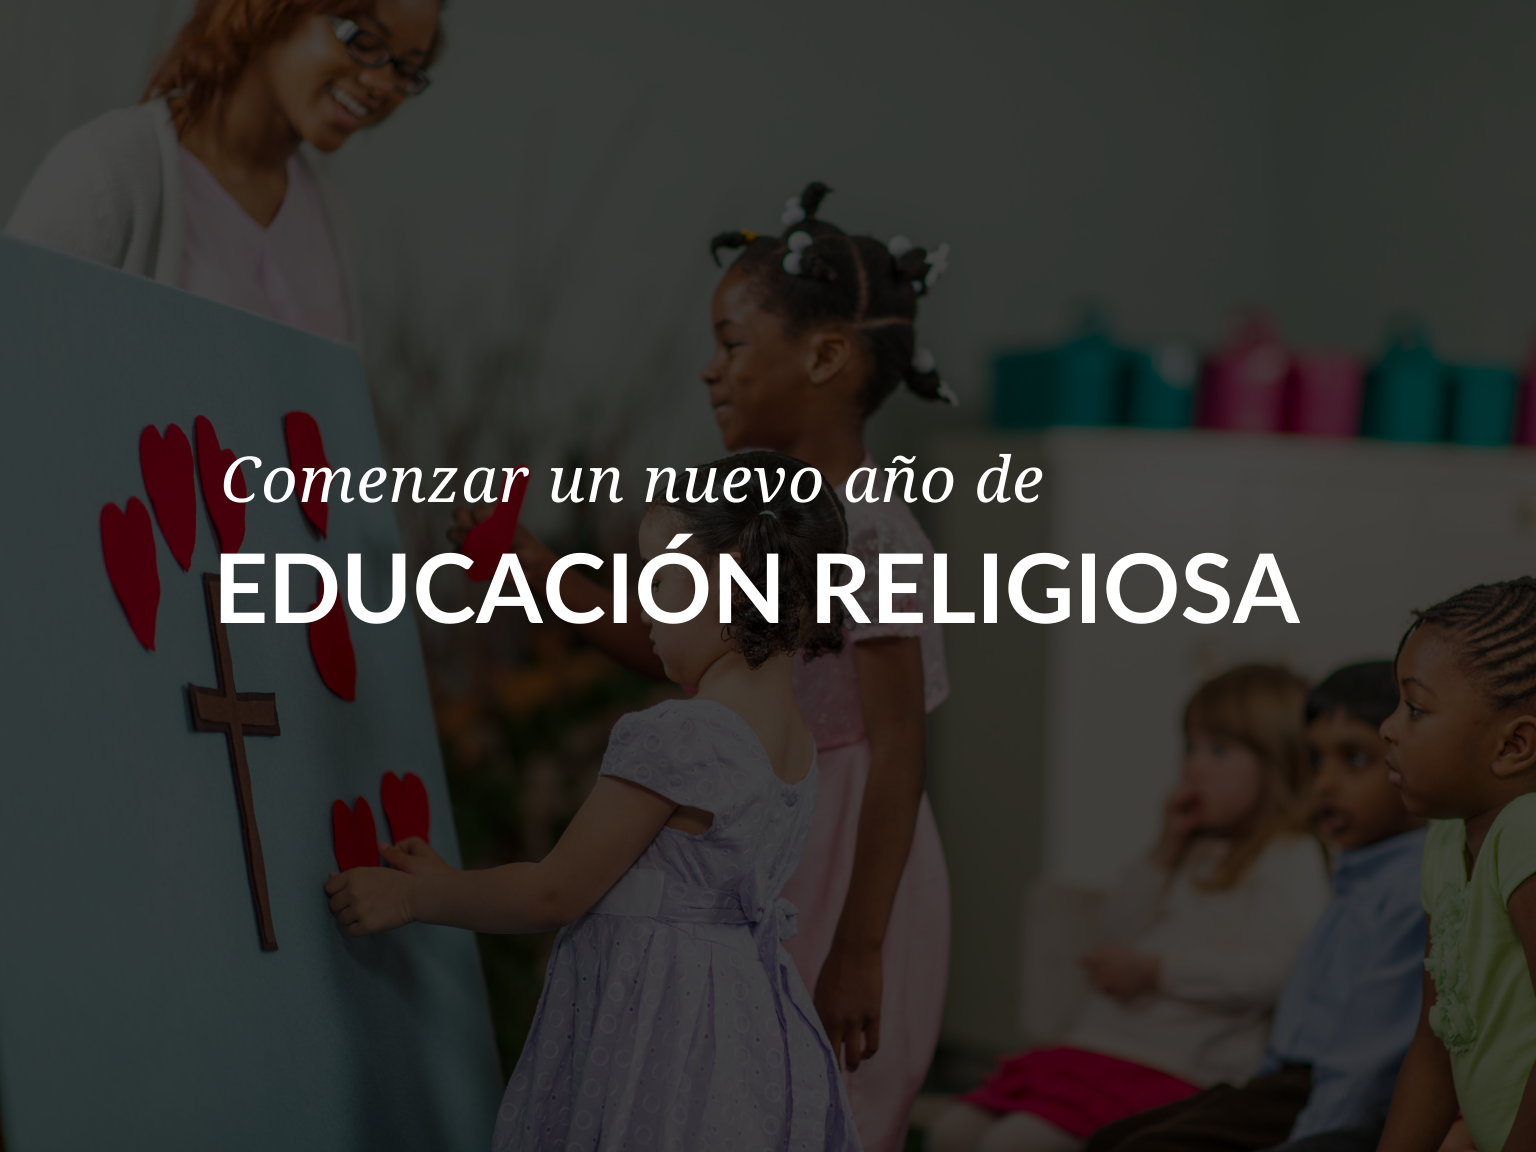 comenzar-un-nuevo-ano-de-educacion-religiosa